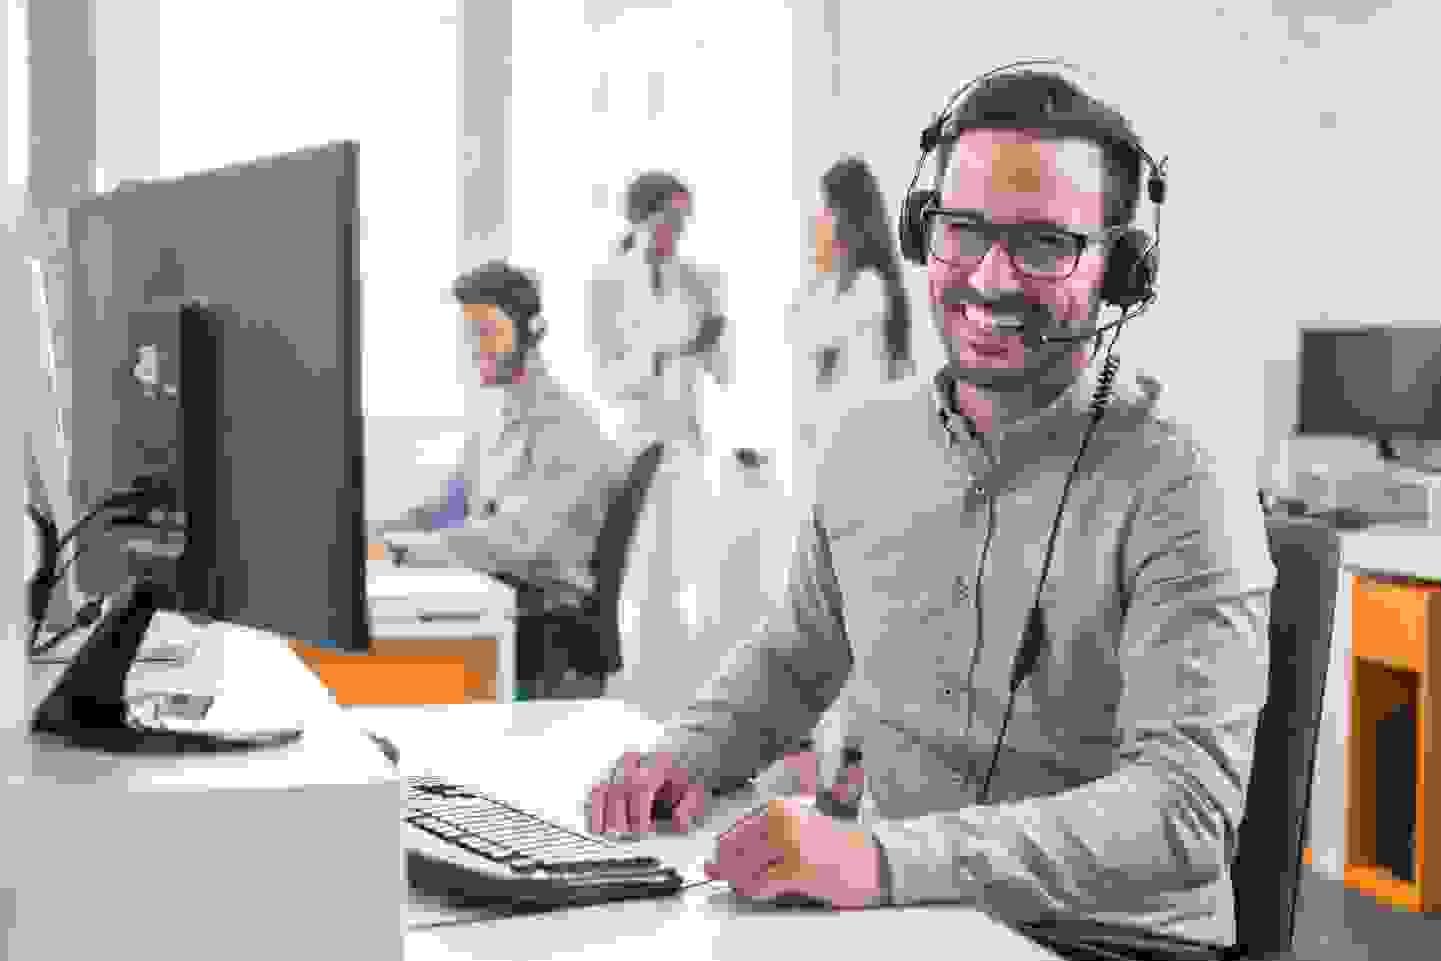 Personenzählung im Büro